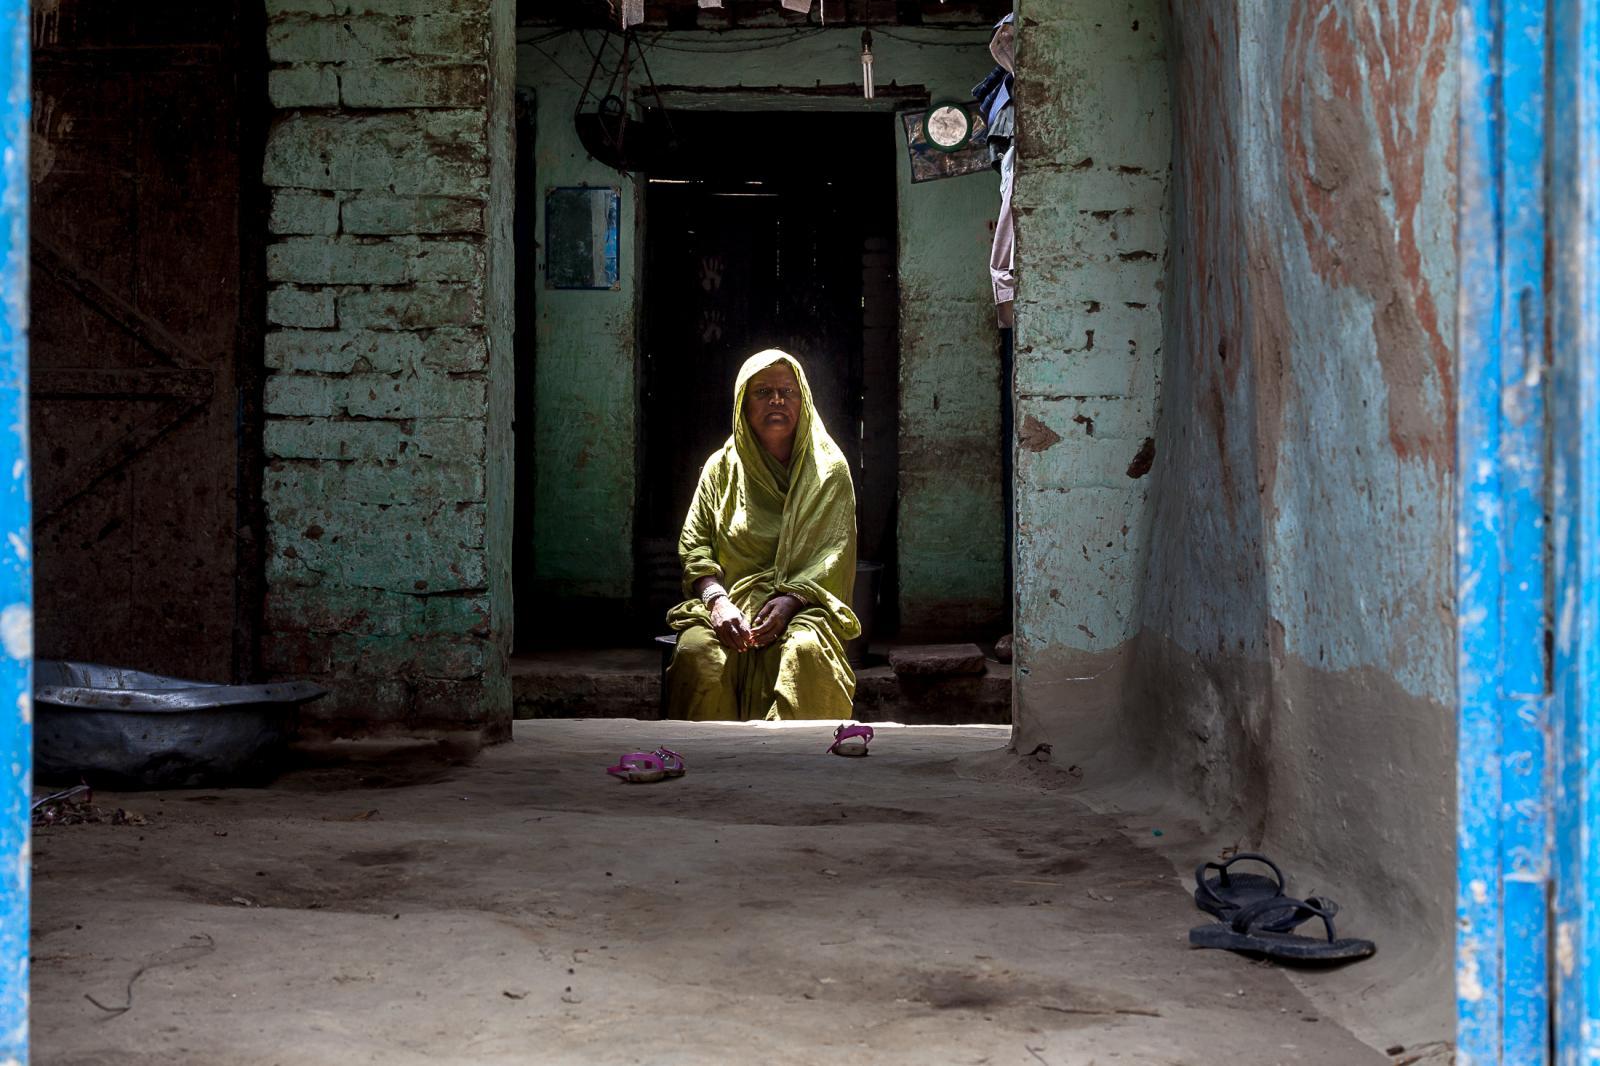 Photography image - Loading 002_Maithil-Women-Nepal-Omar-Havana.jpg